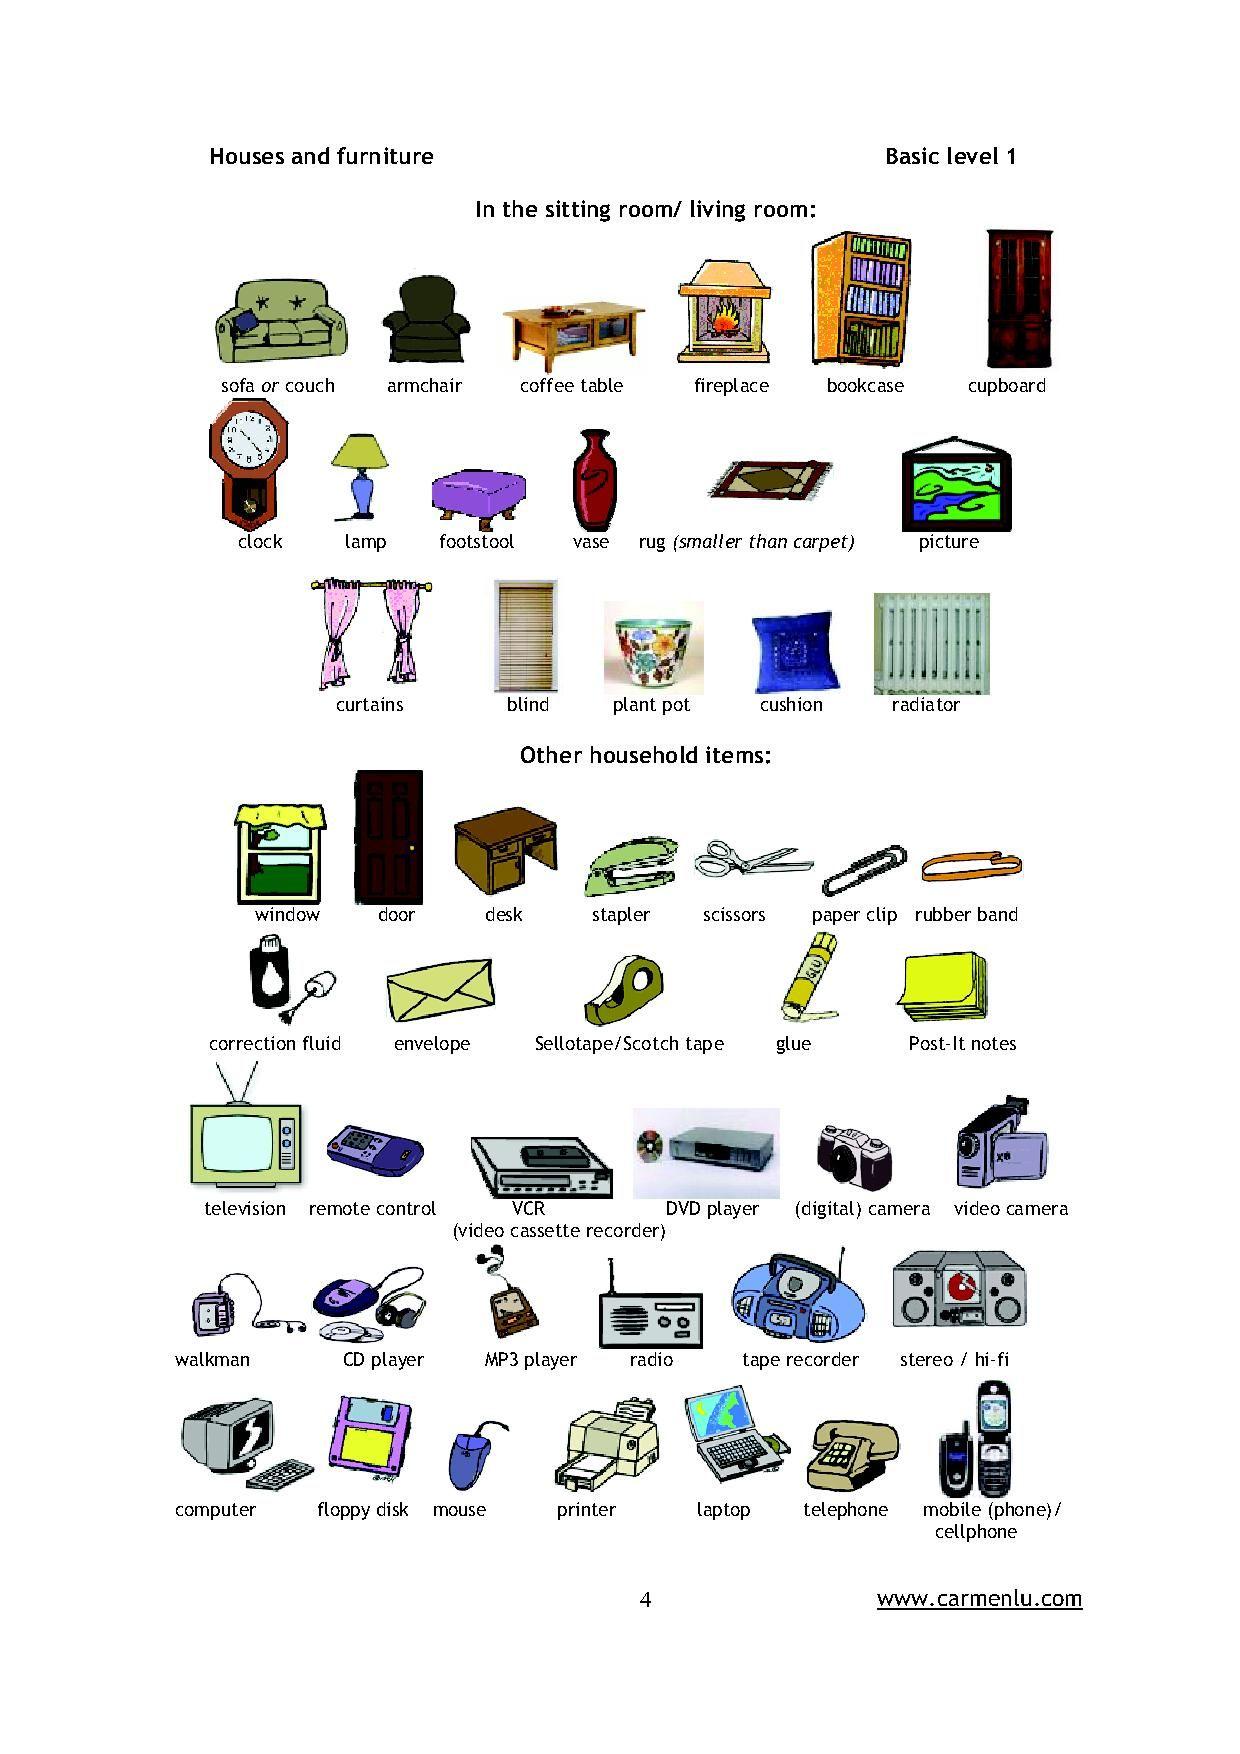 livingroom-carmenlu-r | Anglais 00 : orthographe et grammaire ...